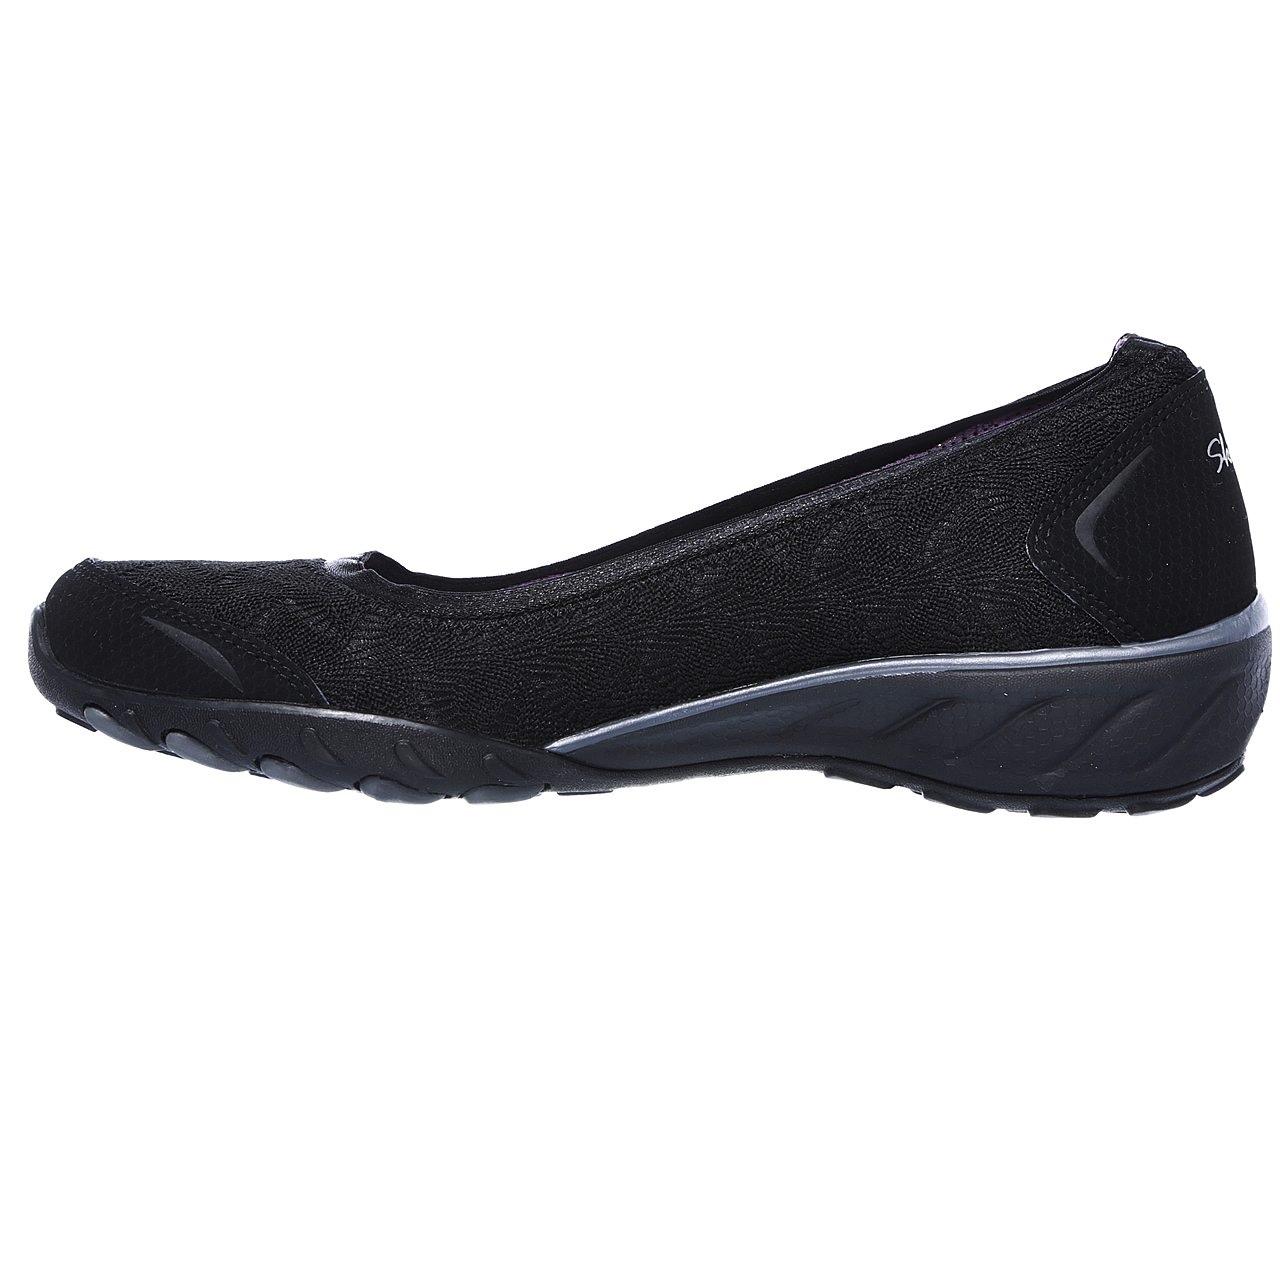 خرید کفش زنانه اسکچرز مدل 22934BLK